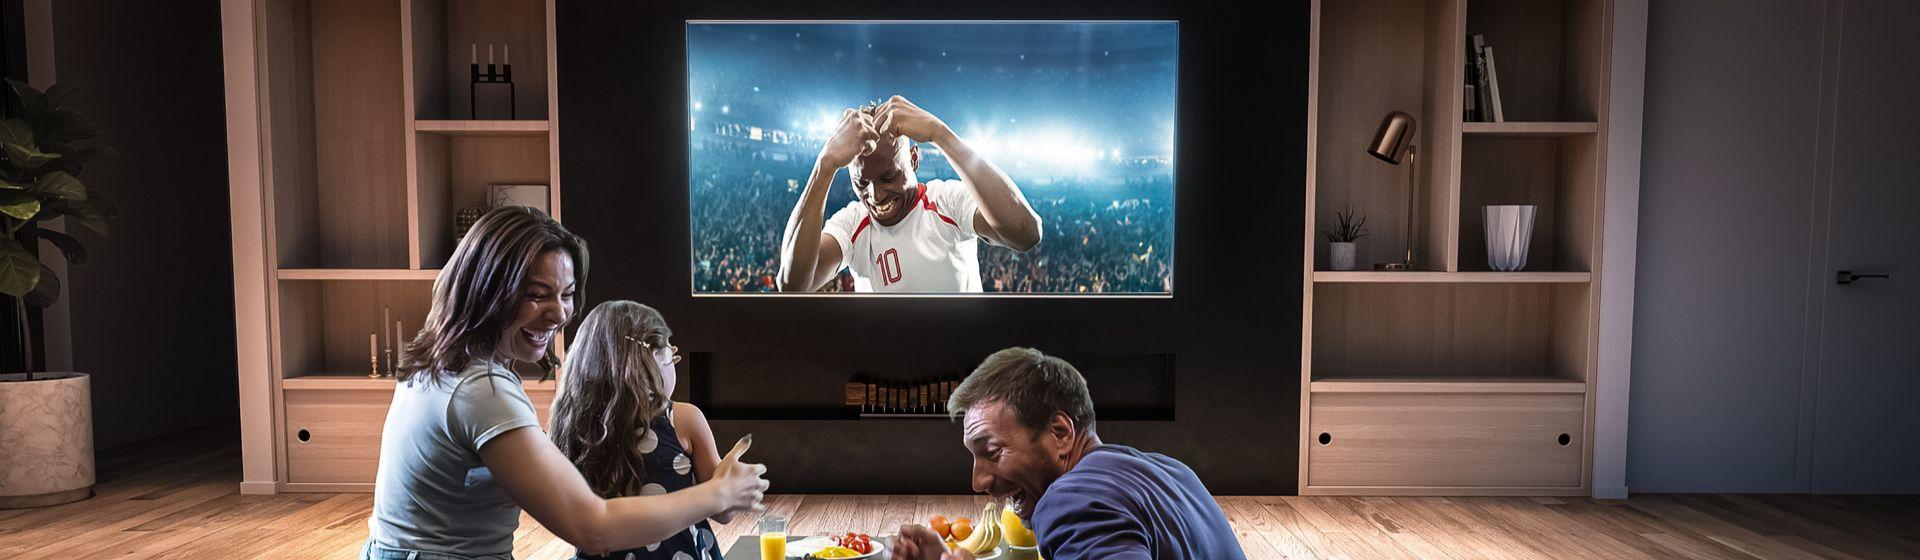 TVs mais vendidas em julho de 2020: Samsung RU7100 lidera a lista!